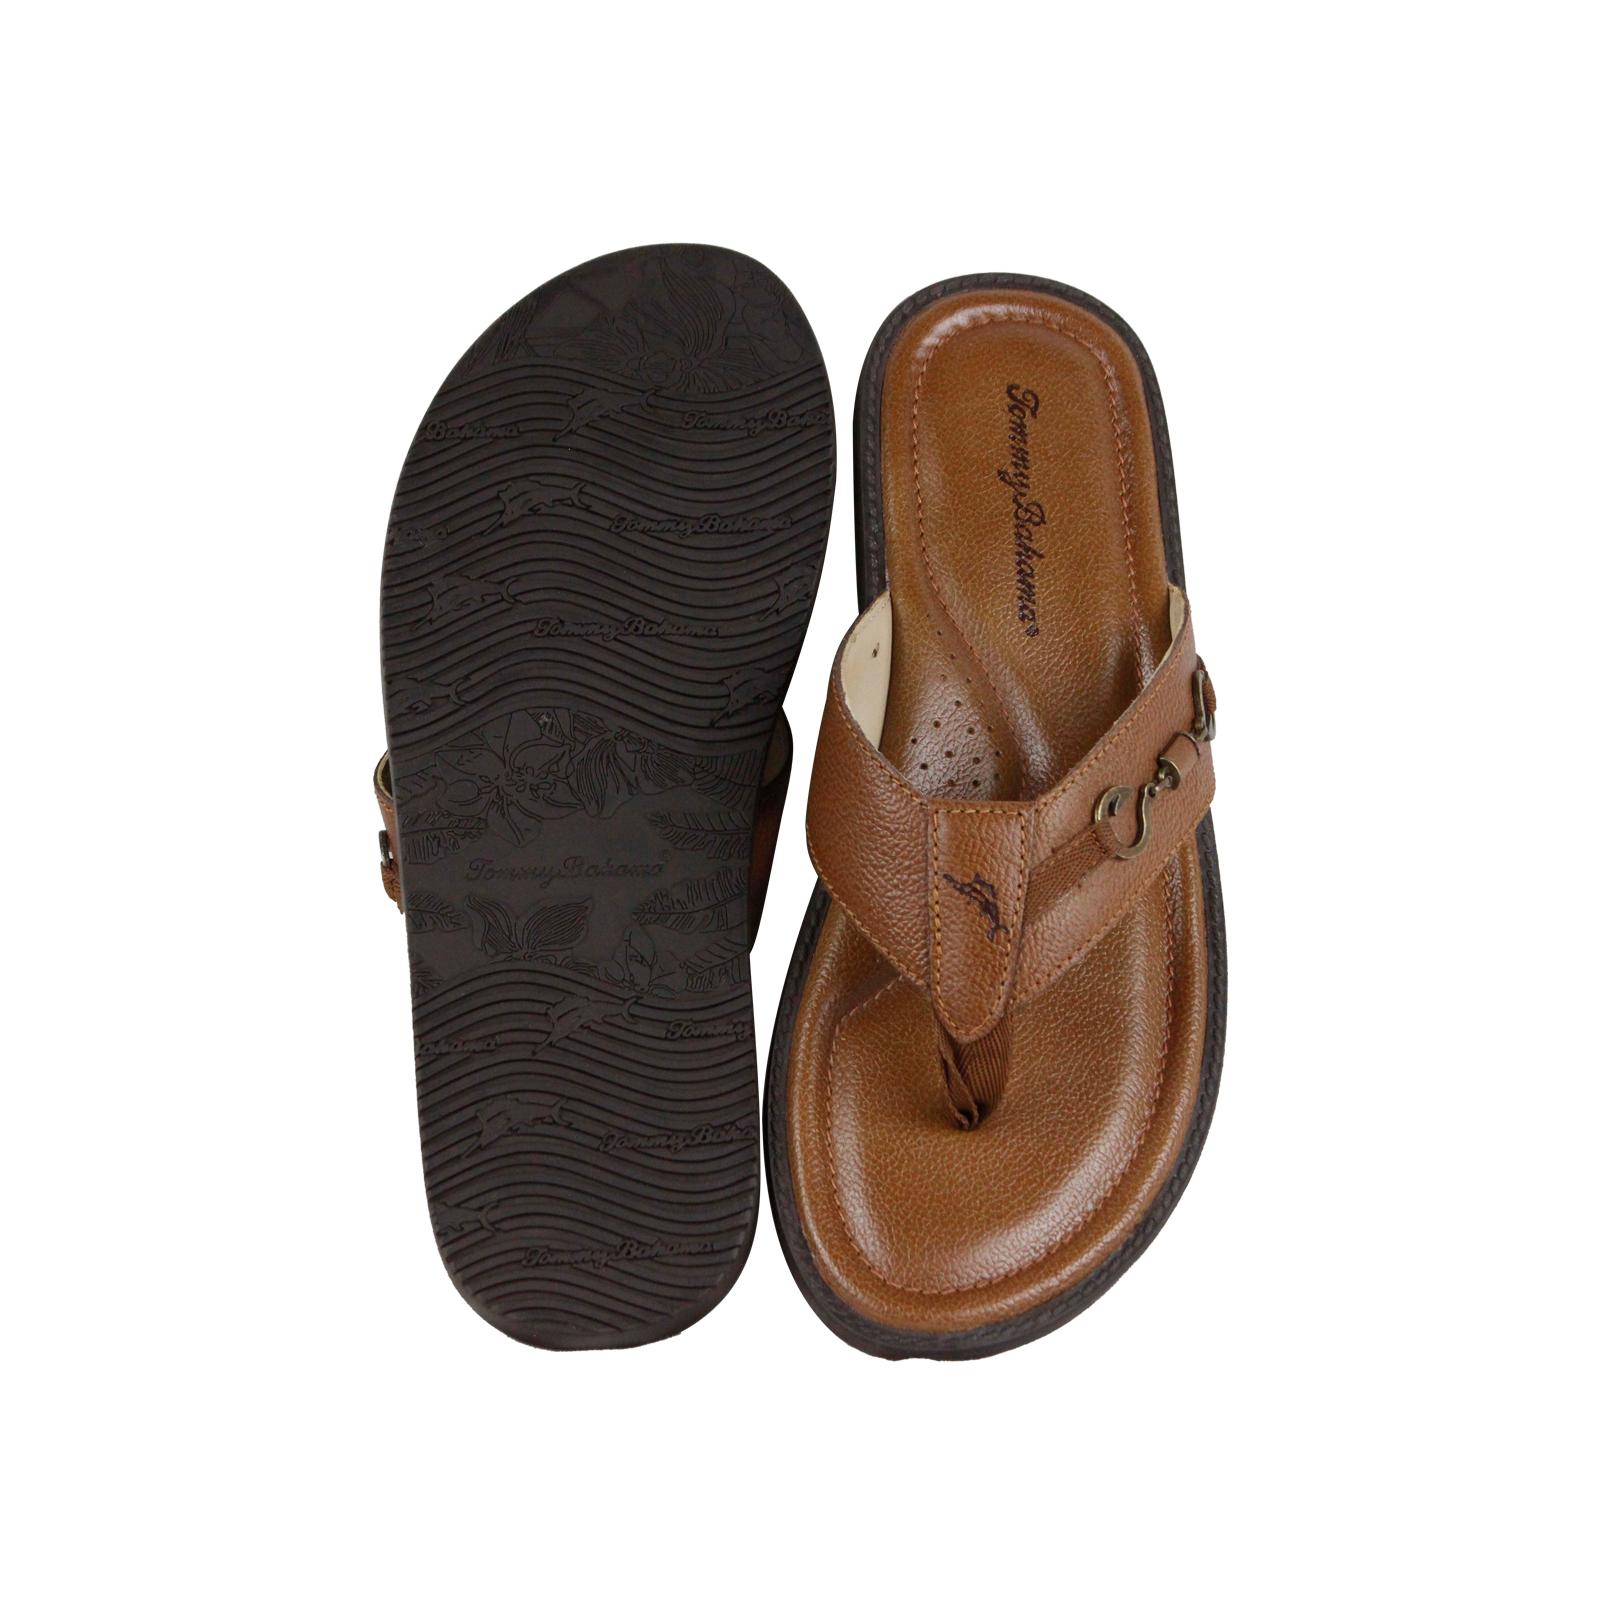 2155335bcd3d Tommy Bahama Tommy Bahama Belize Vintage Mens Brown Leather Flip ...